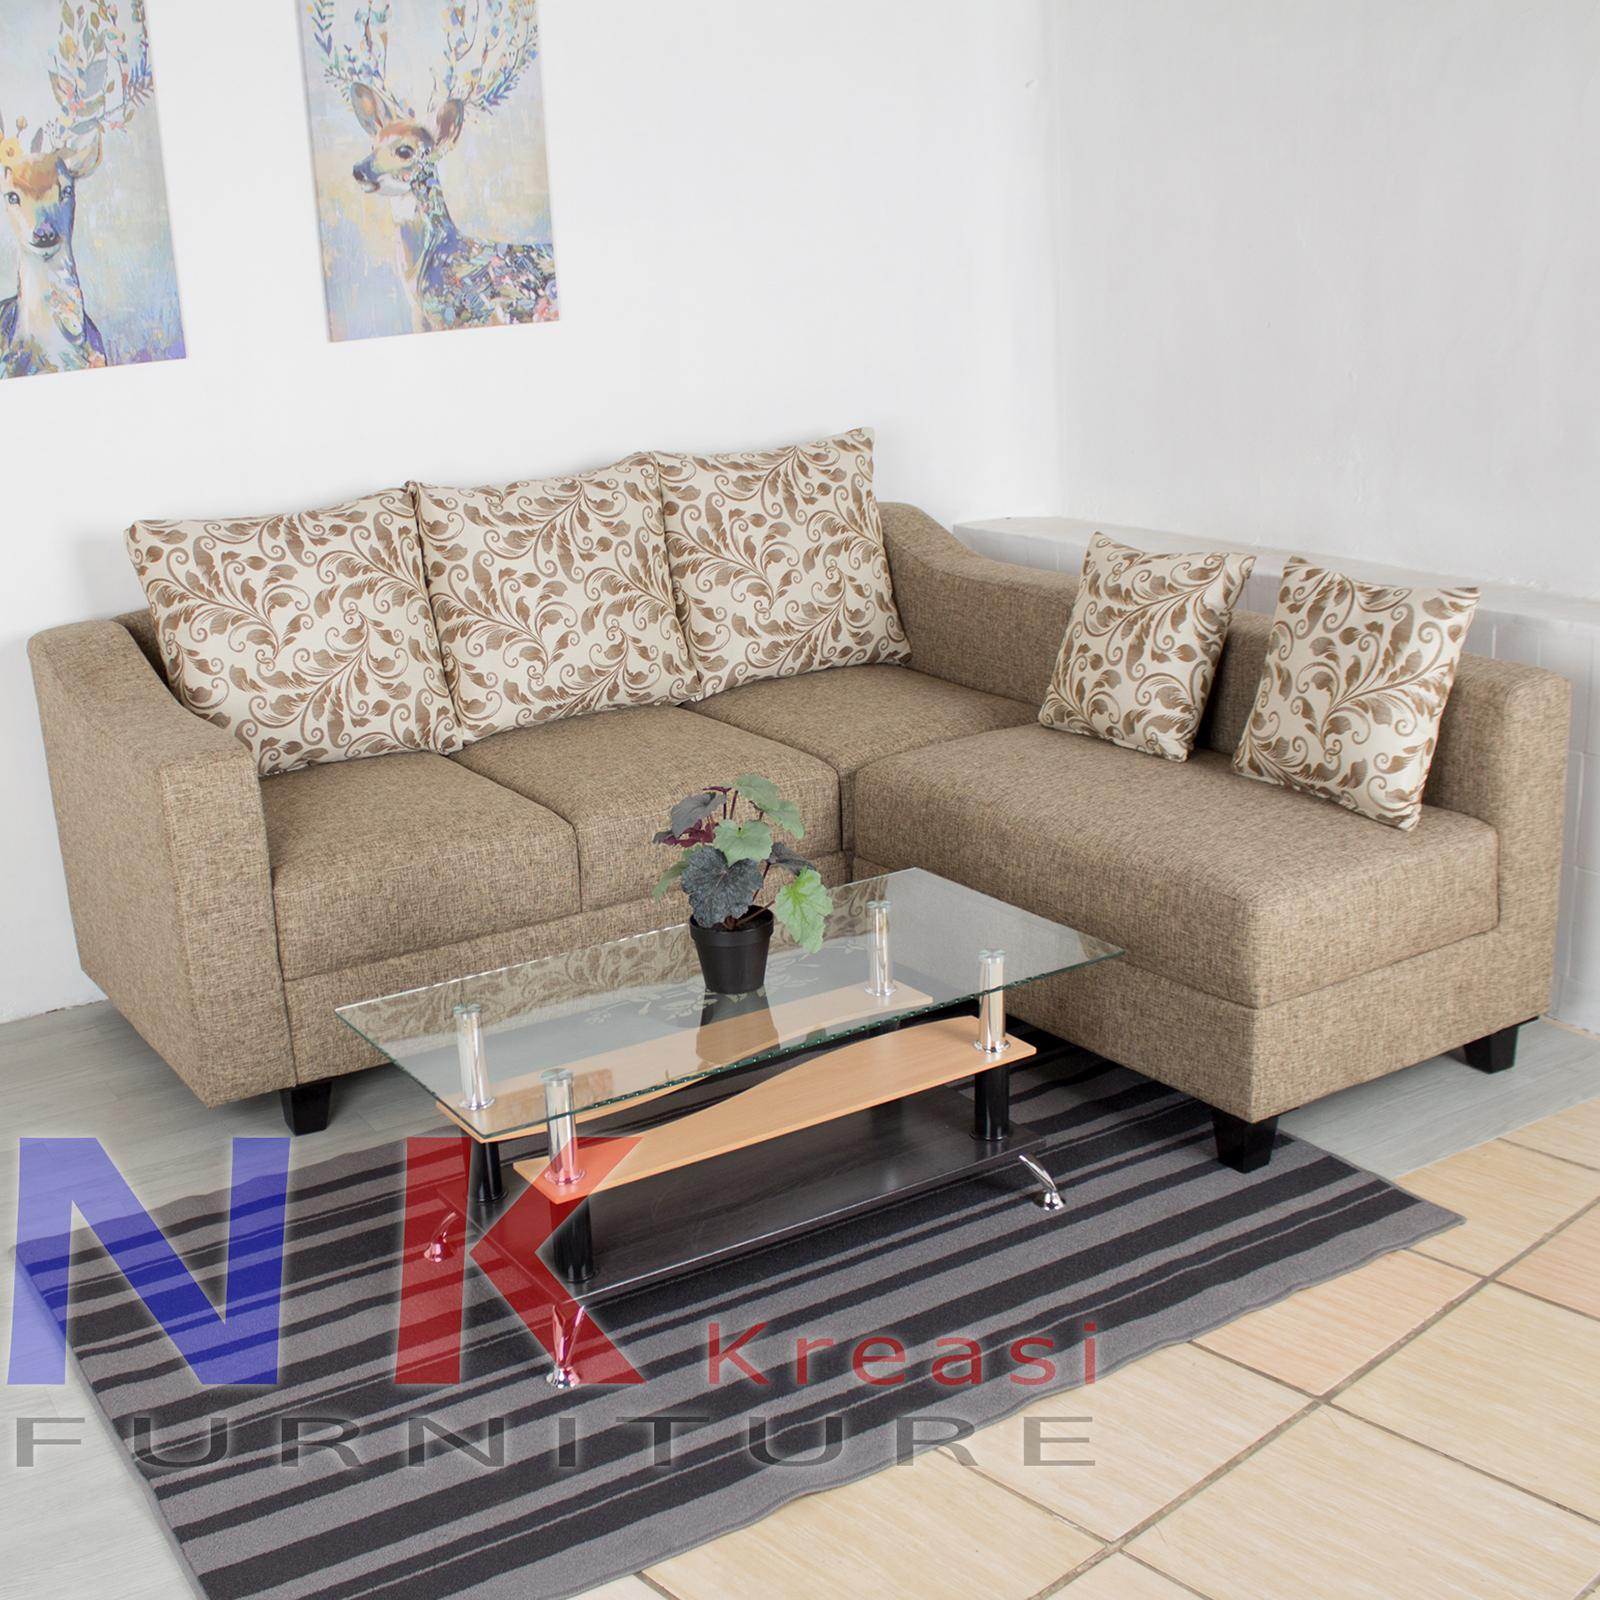 Sofa Kursi Ruang Tamu Minimalis Meja Tamu Lazada Indonesia Sofa ruang tamu kecil